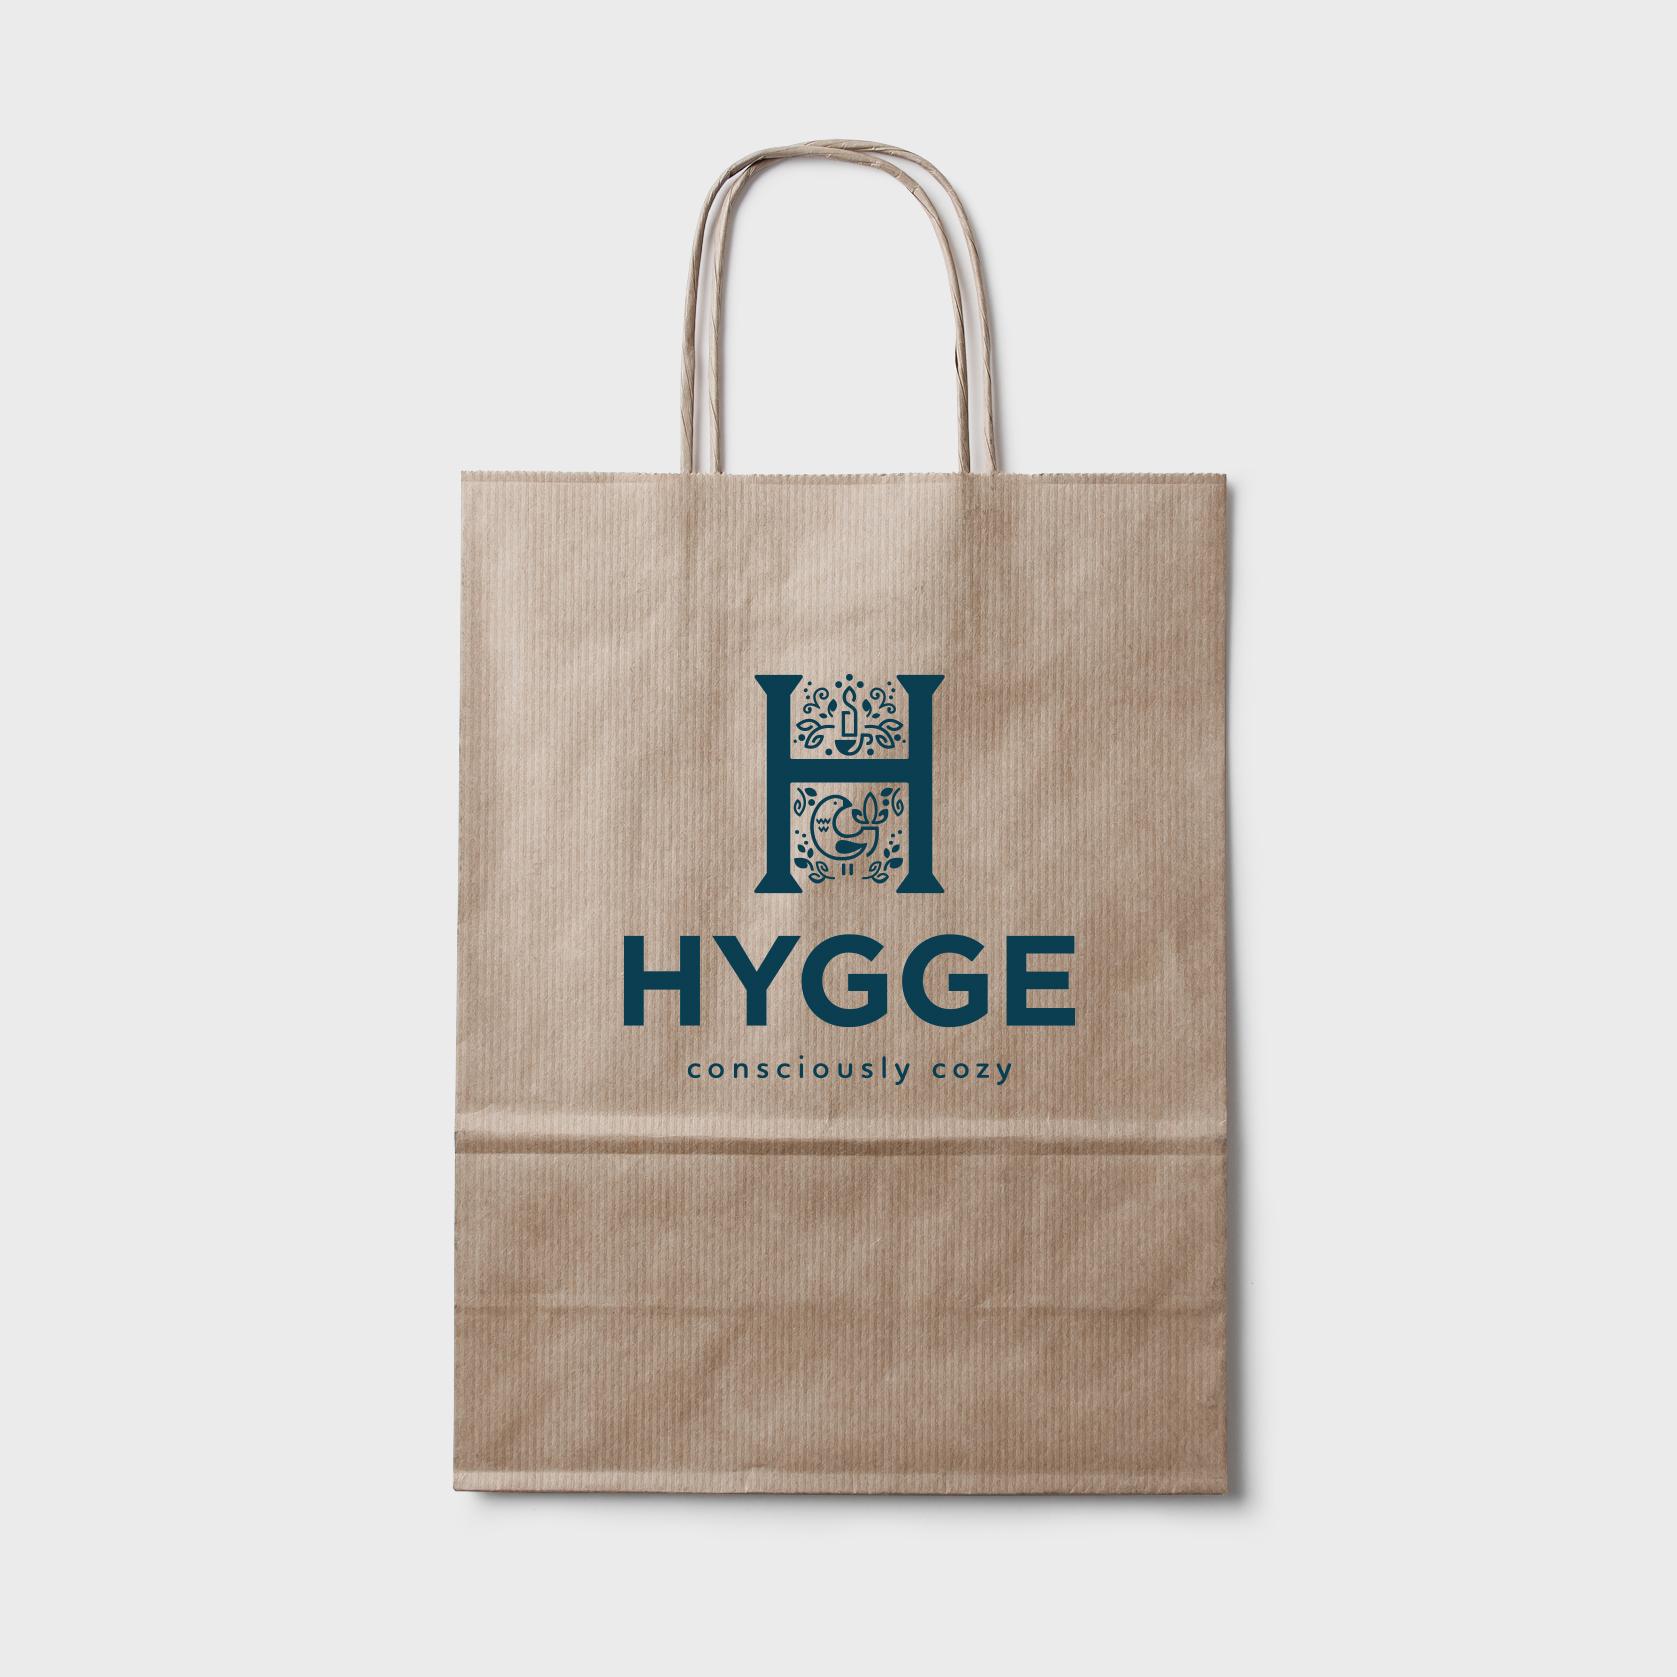 hygge_branding_bag.jpg